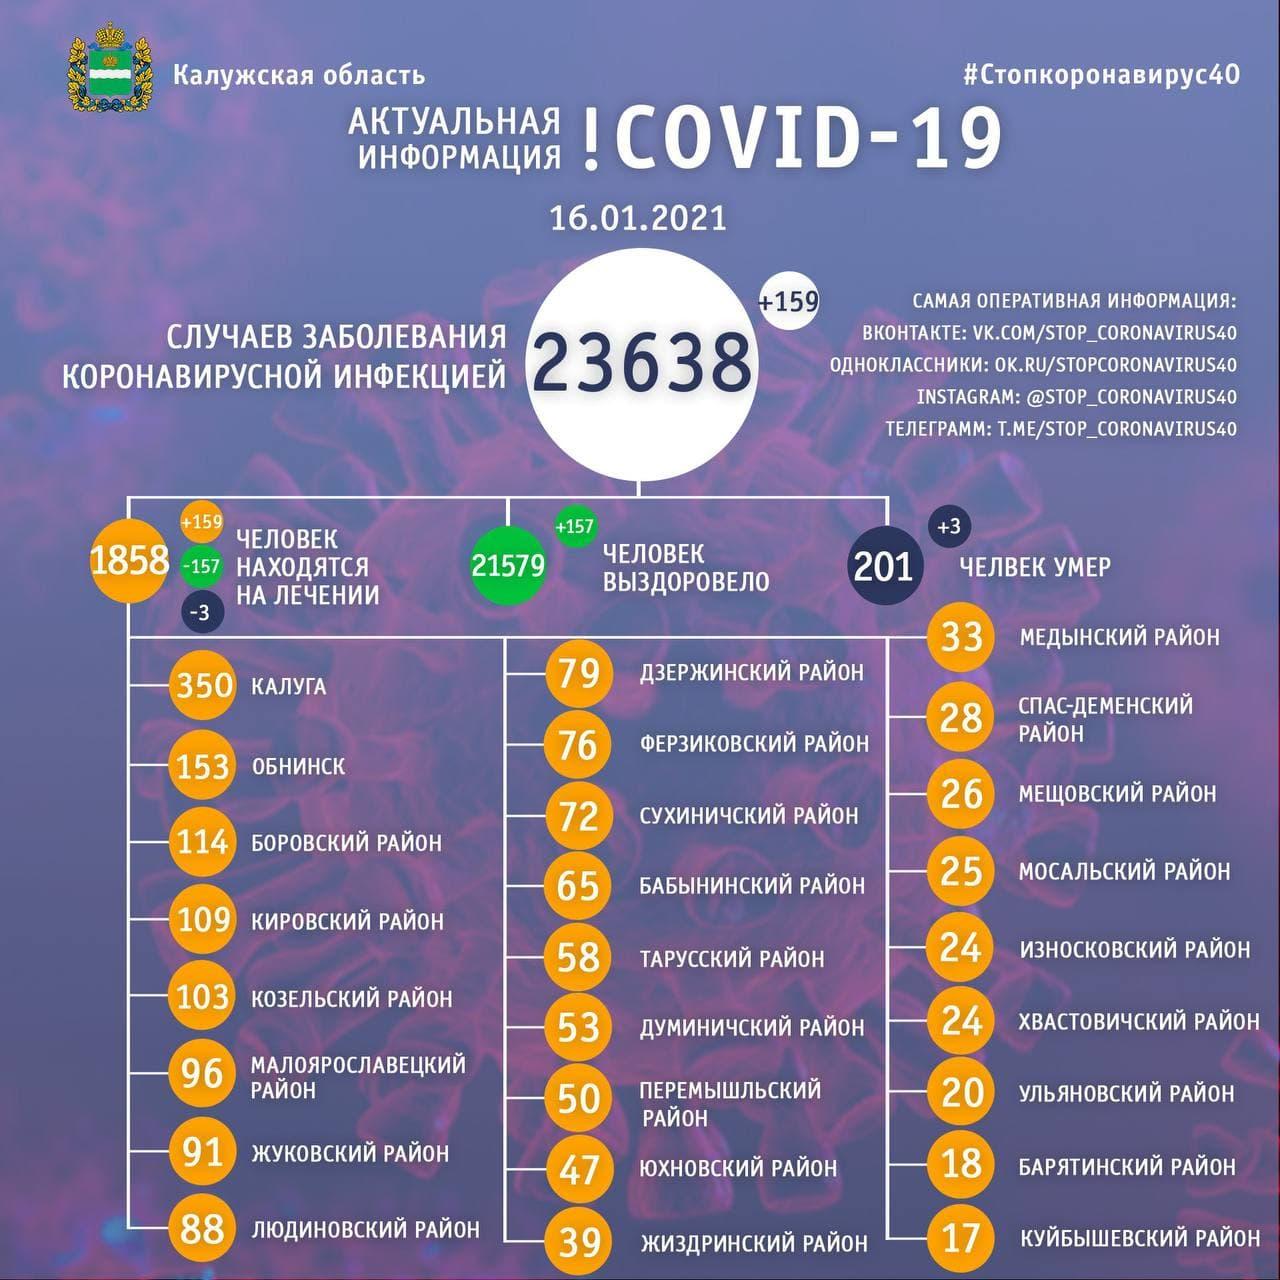 Официальная статистика по коронавирусу в Калужской области на 16 января 2021 года.